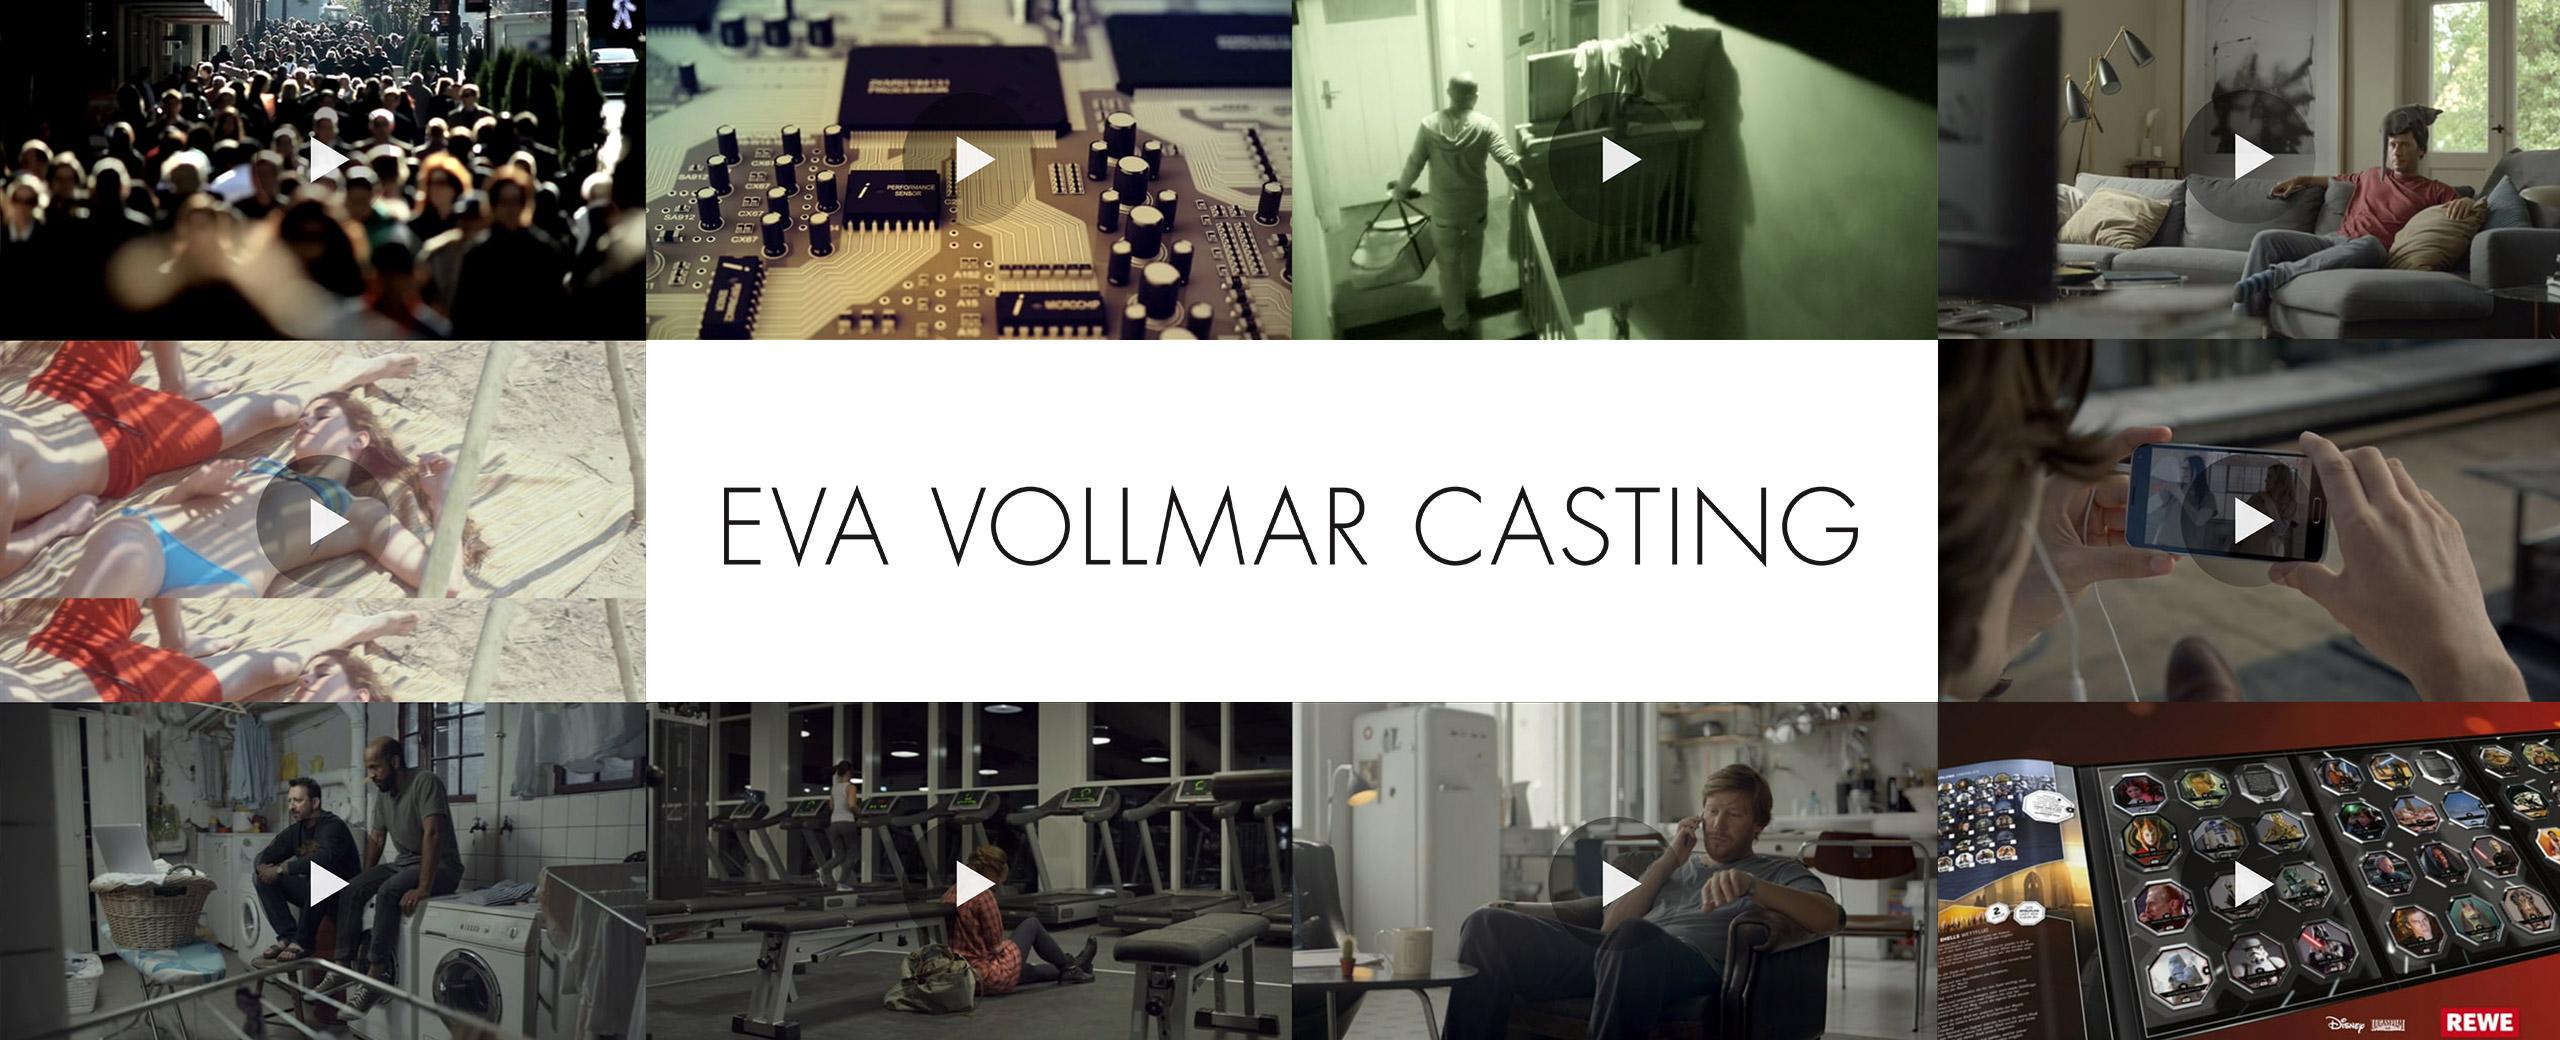 Eva Vollmar Casting Header